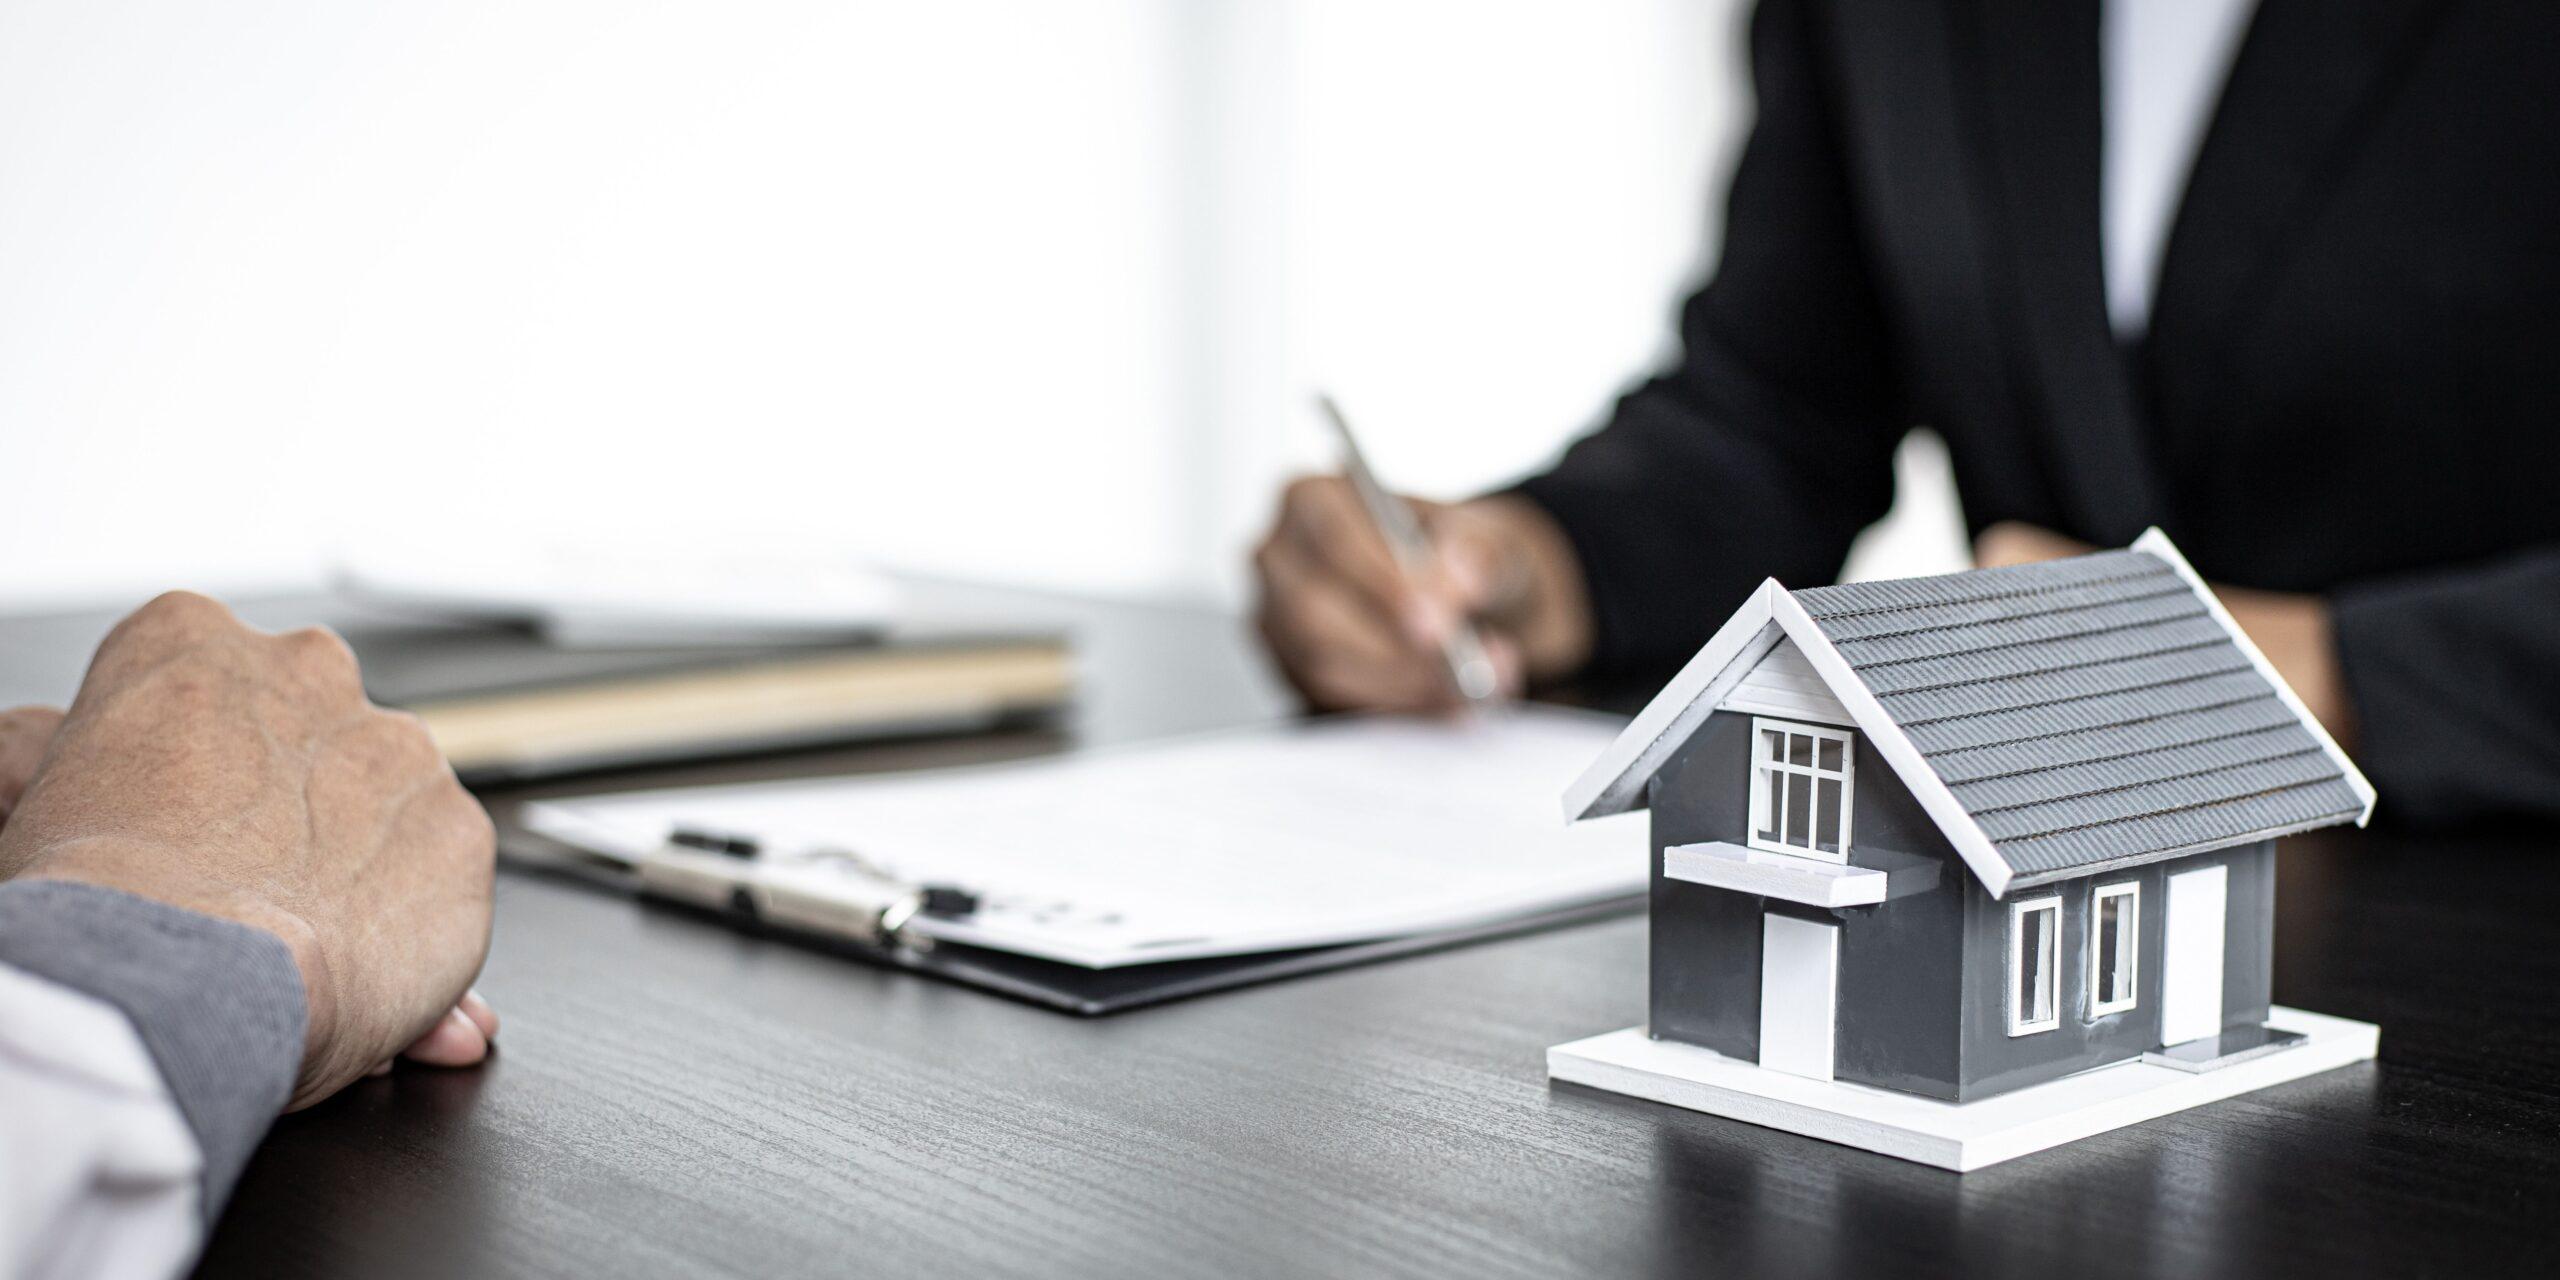 kredyt hipoteczny, umowa kredytowa, doradca kredytowy, doradca hipoteczny, doradca finansowy